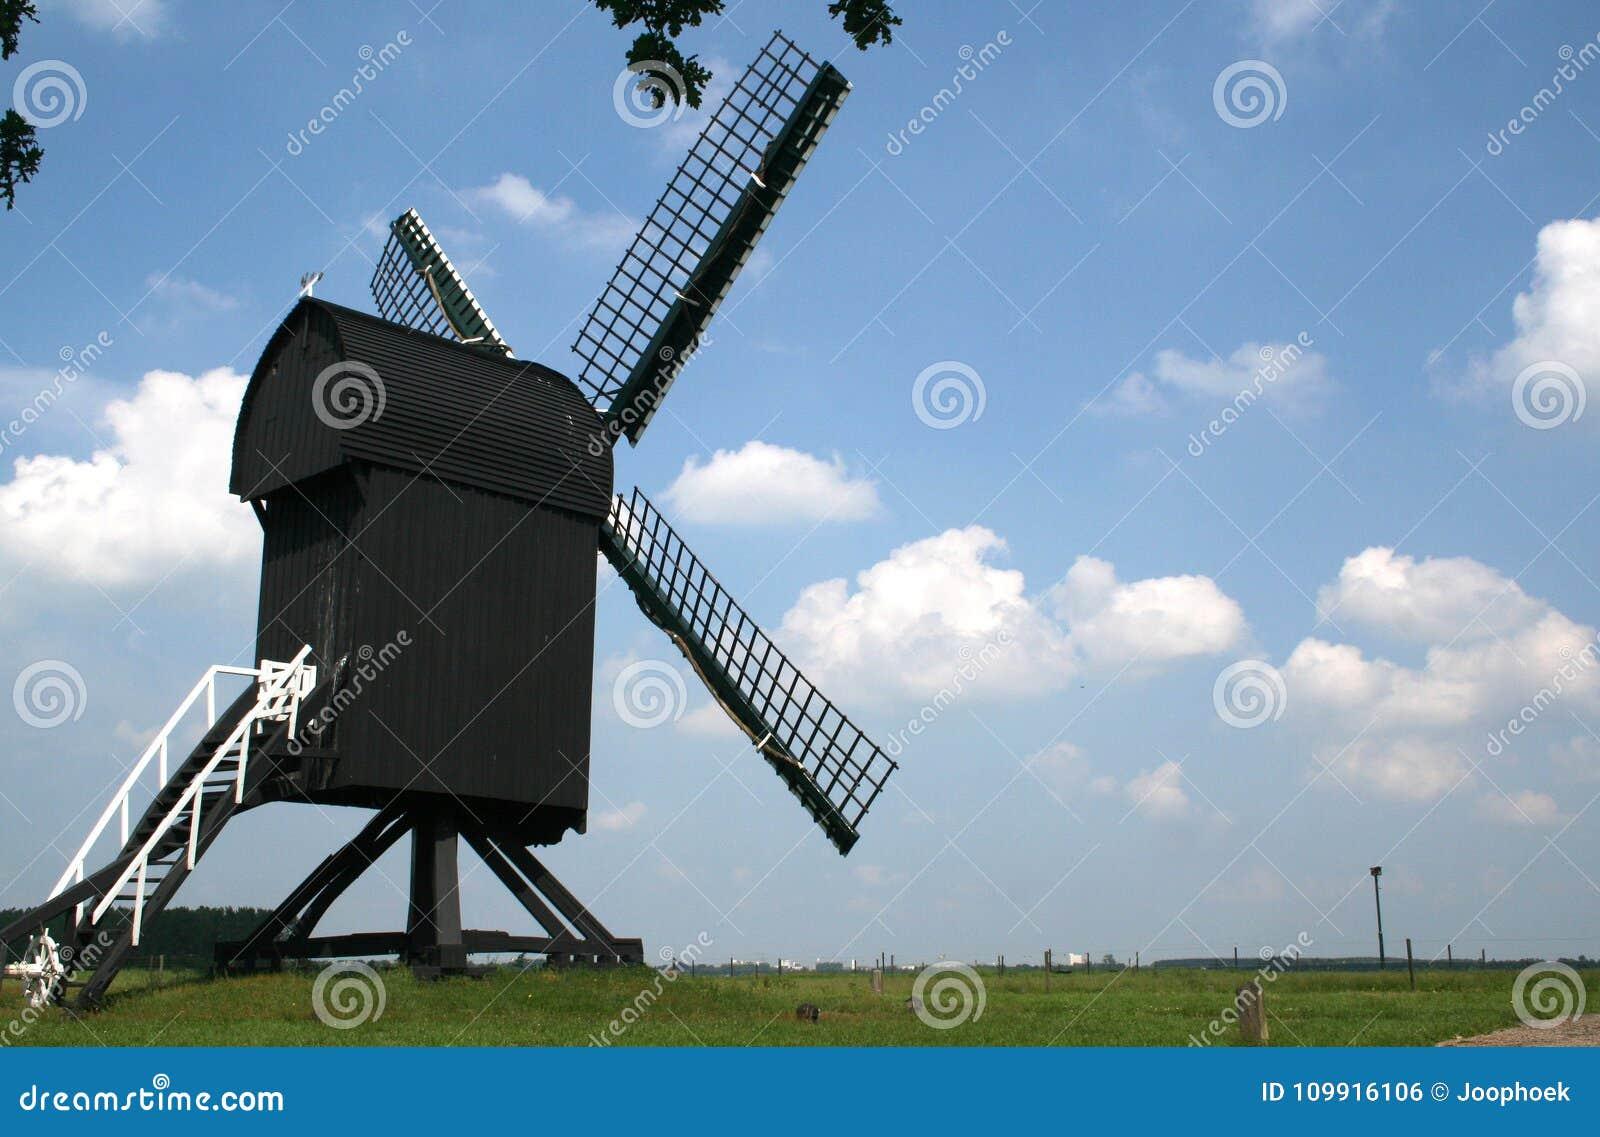 The post mill in Ter Haar